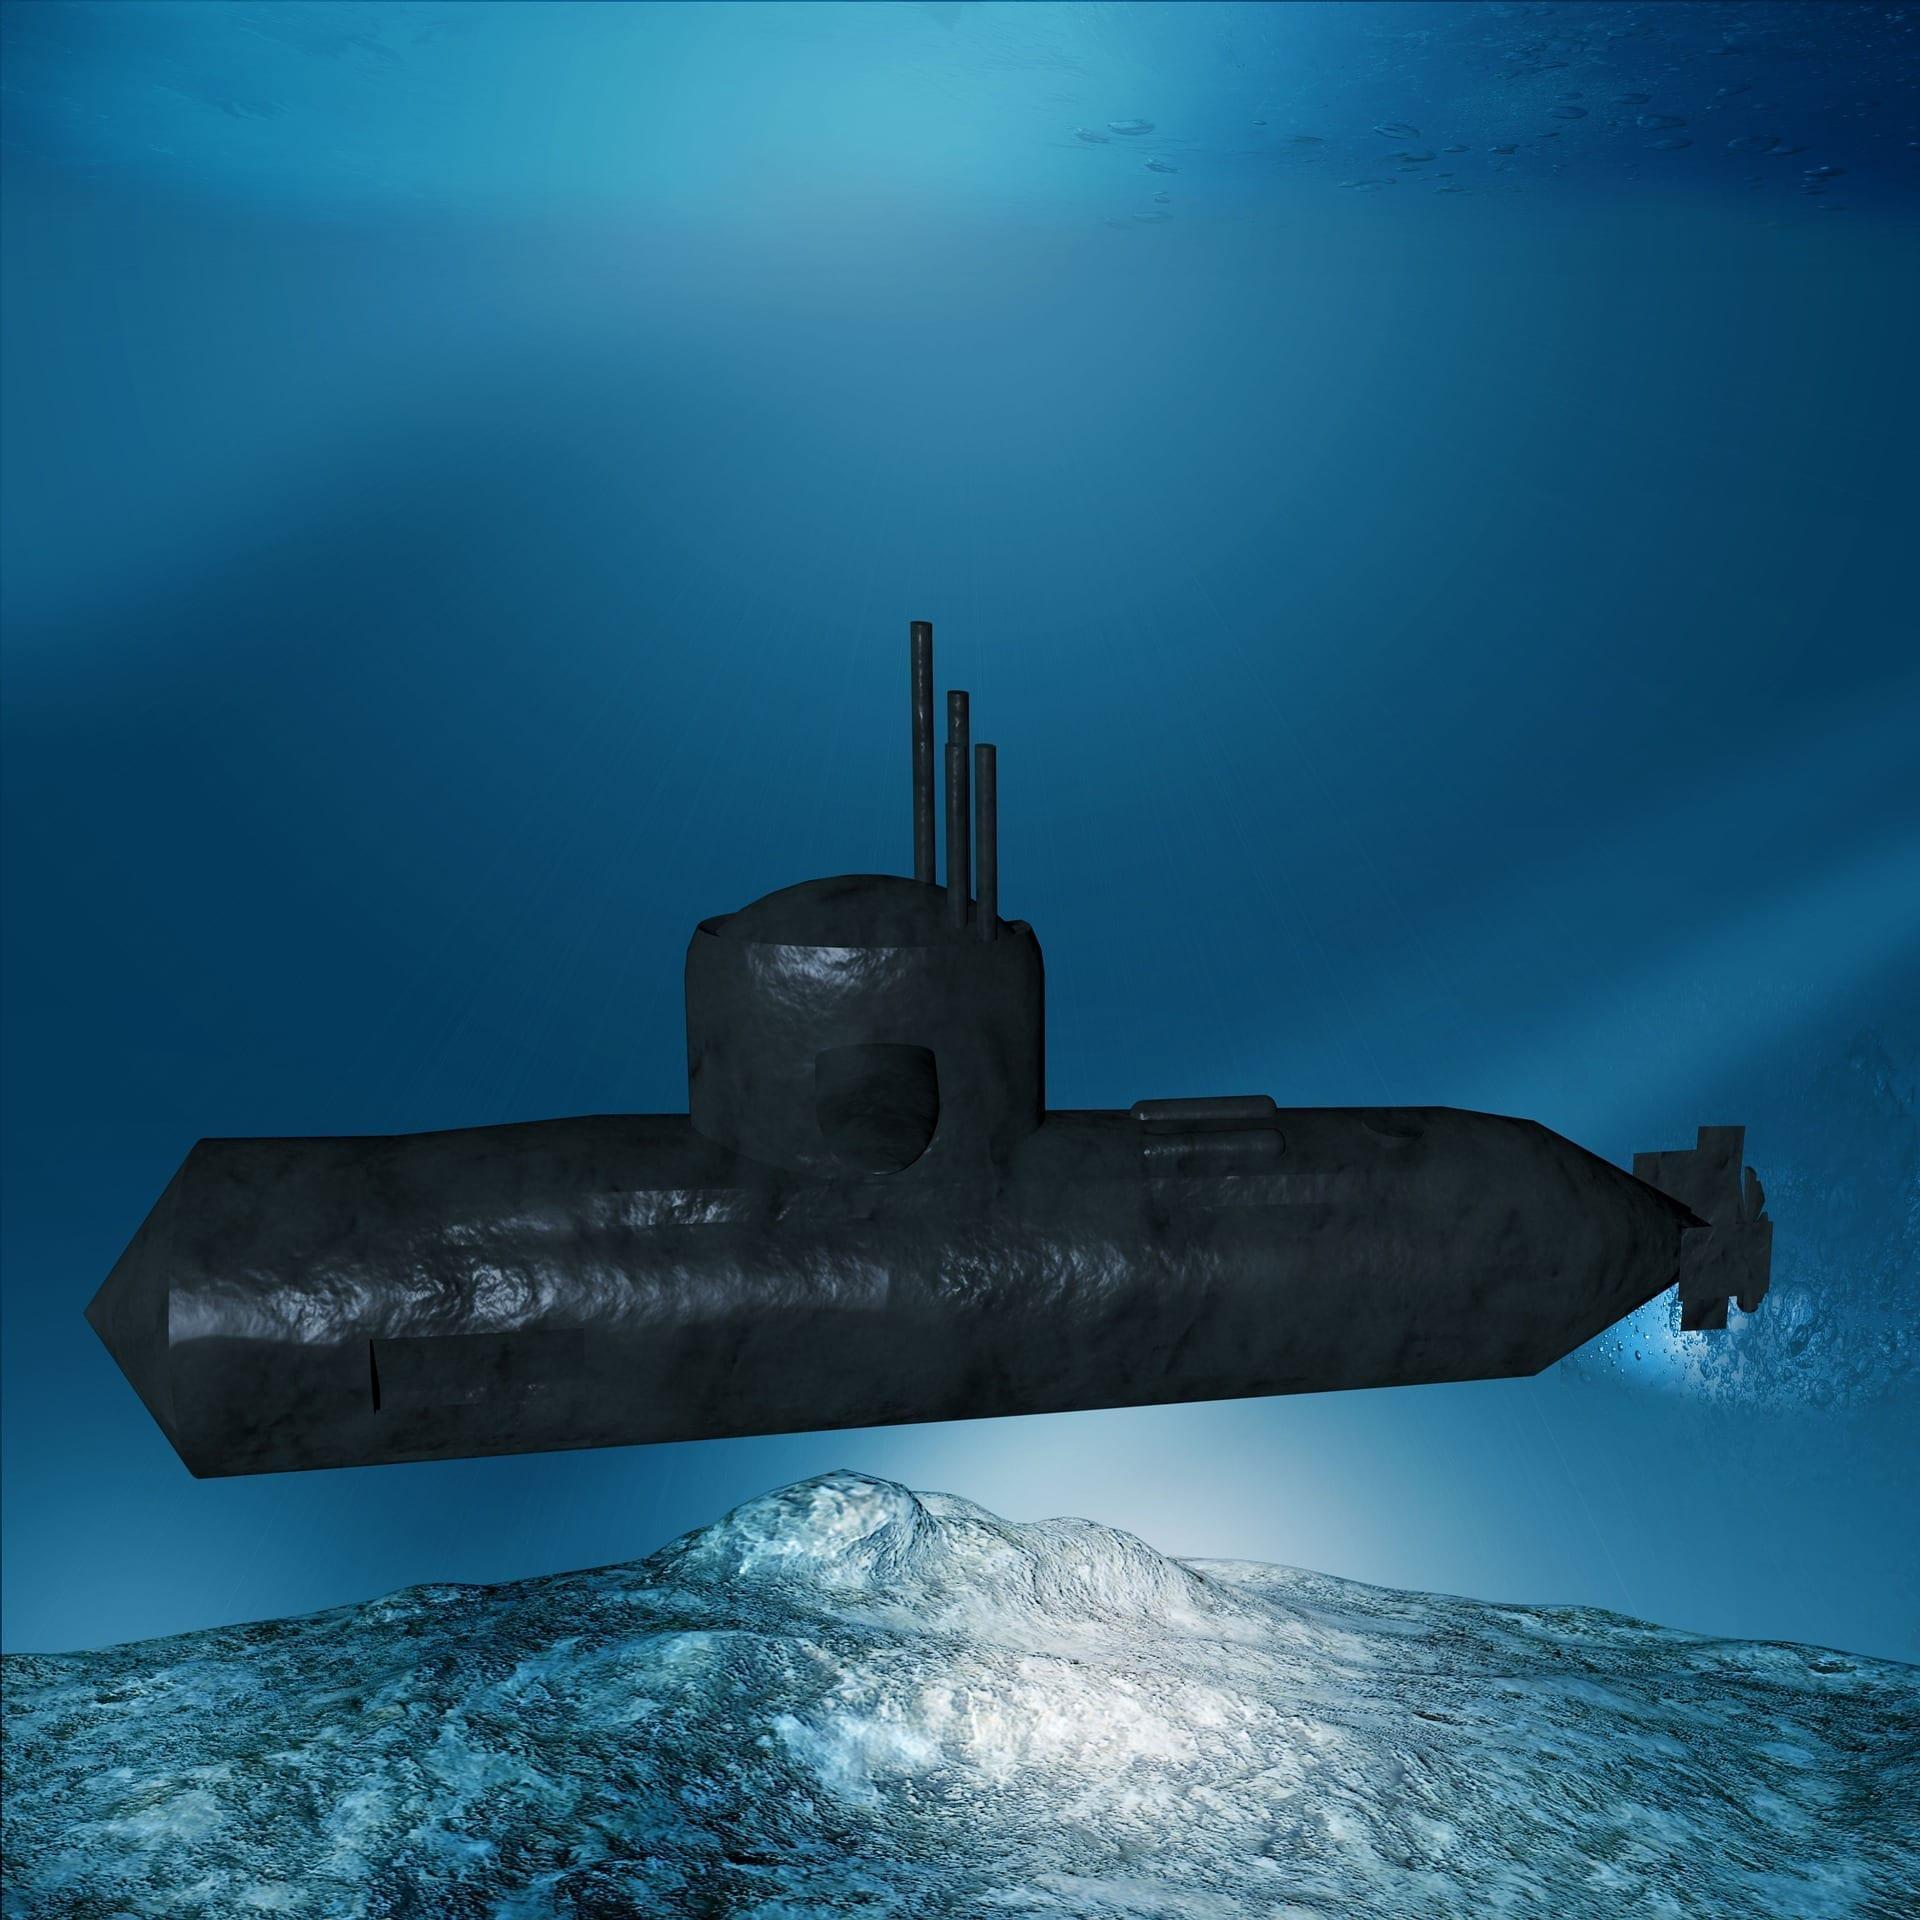 Naval Submarine Under water